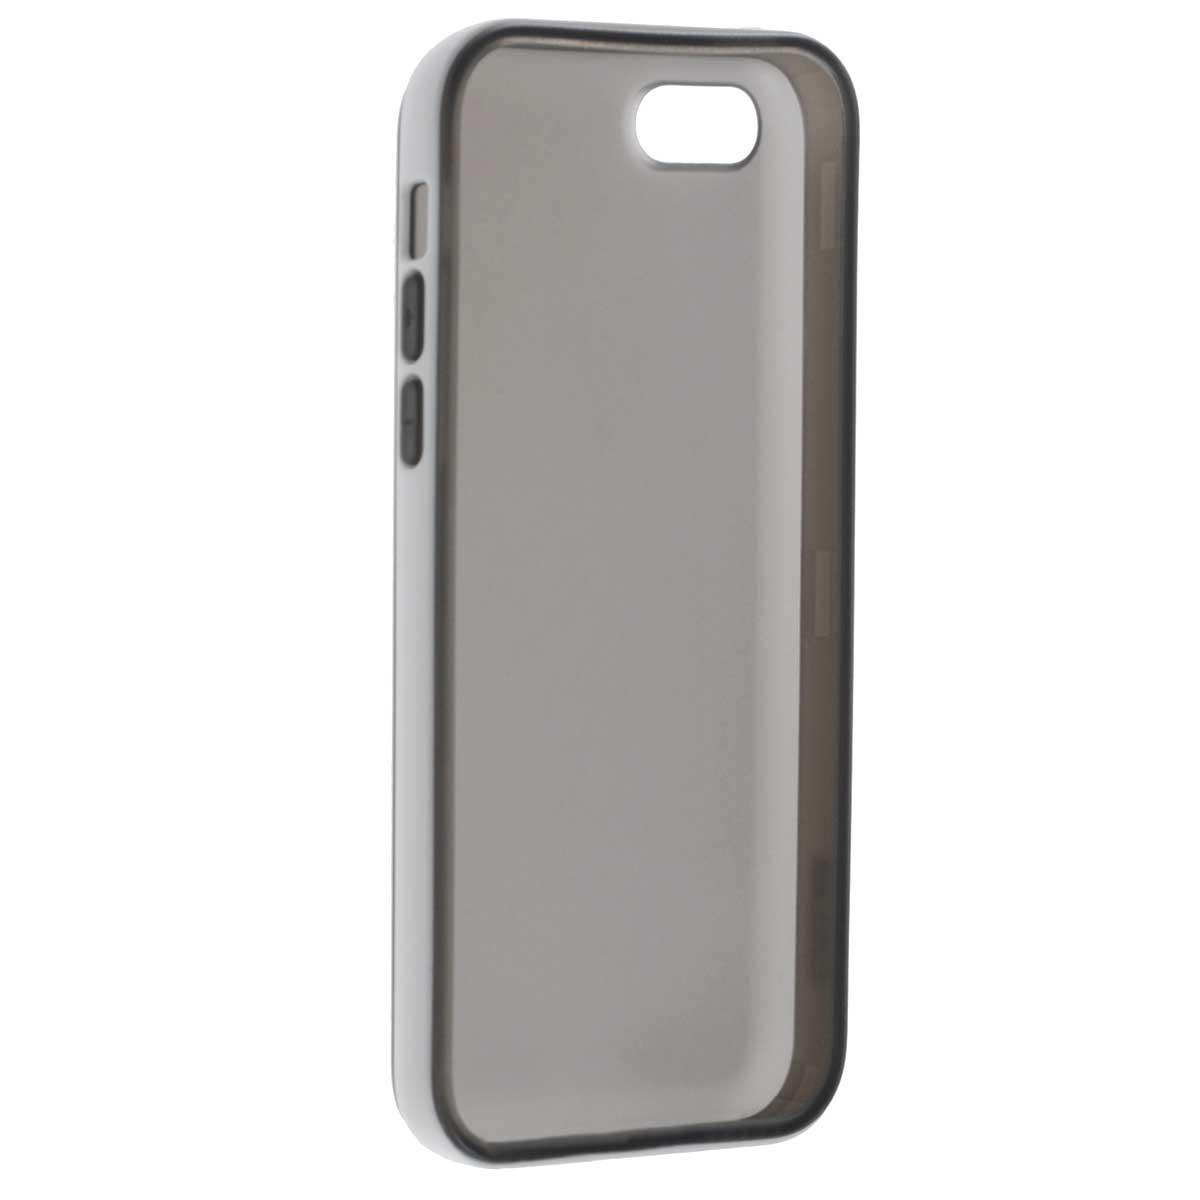 Gissar Scene чехол для Apple iPhone 5c, Black51914Чехол Gissar Scene для iPhone 5C предназначен для защиты корпуса смартфона от механических повреждений и царапин в процессе эксплуатации. Имеет свободный доступ ко всем разъемам и кнопкам устройства. Чехол можно использовать как бампер, убрав заднюю часть.